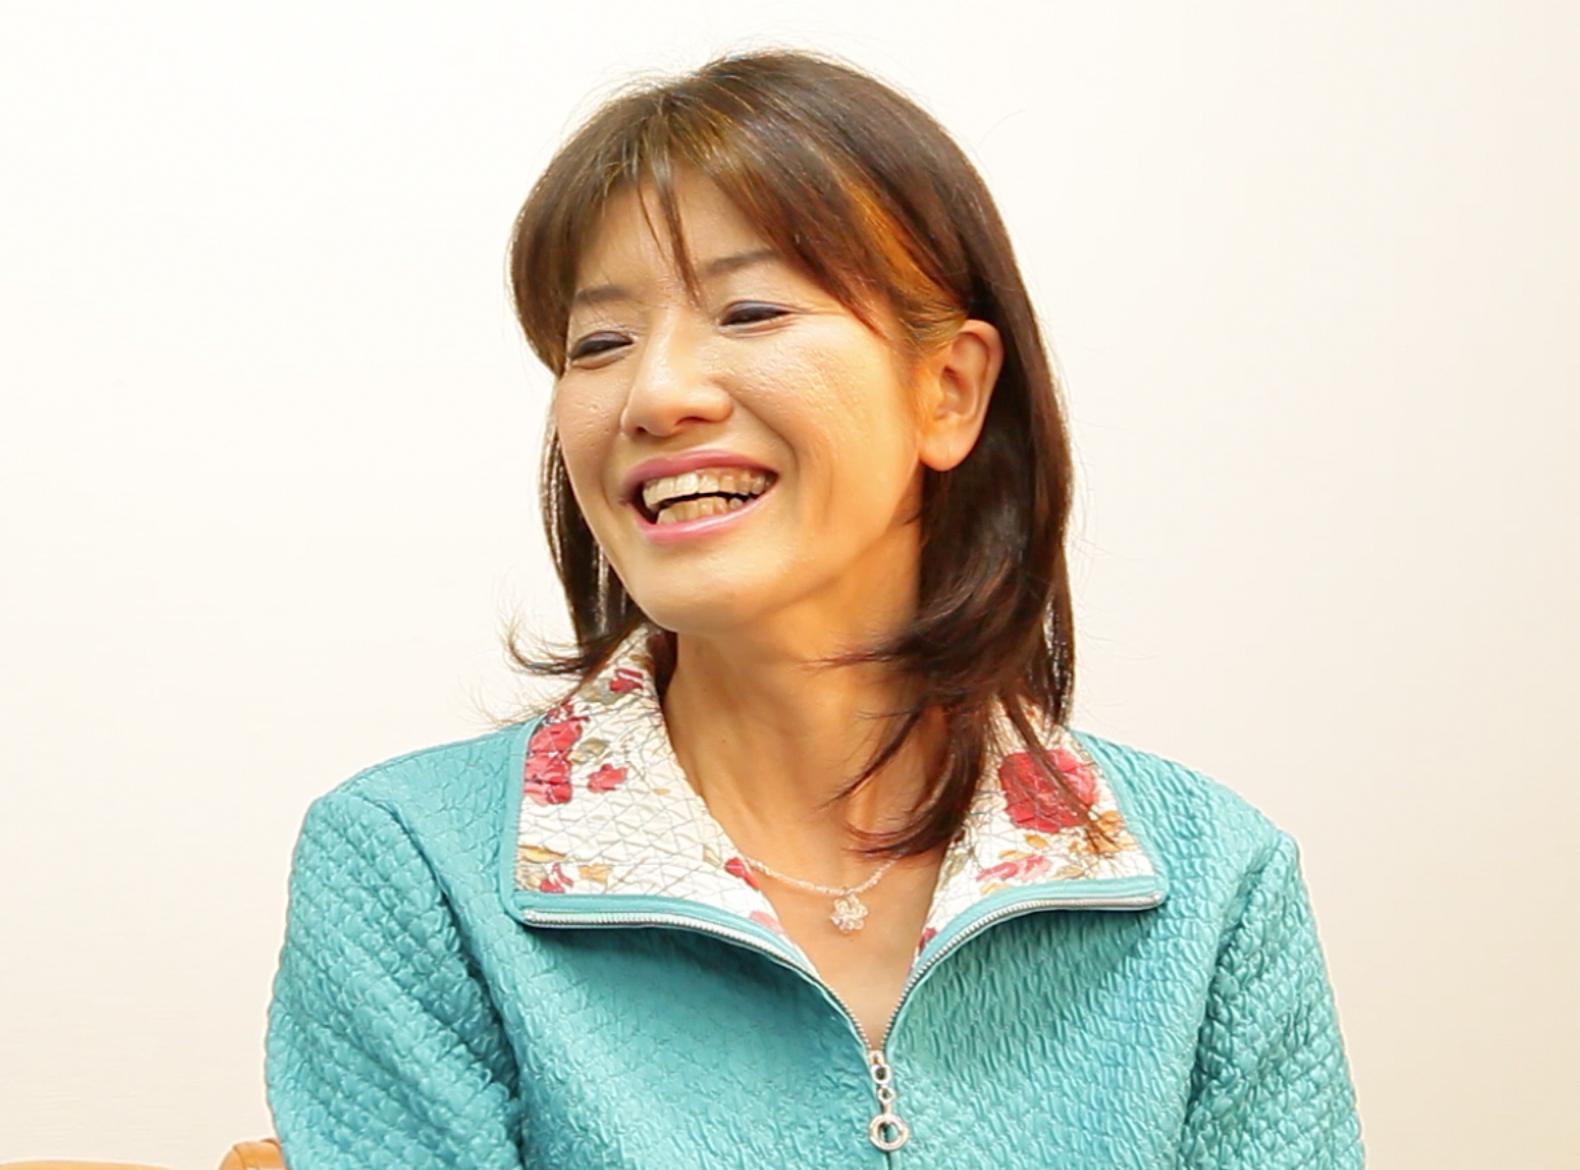 【AFTER】京都府在住 40代 Tさん